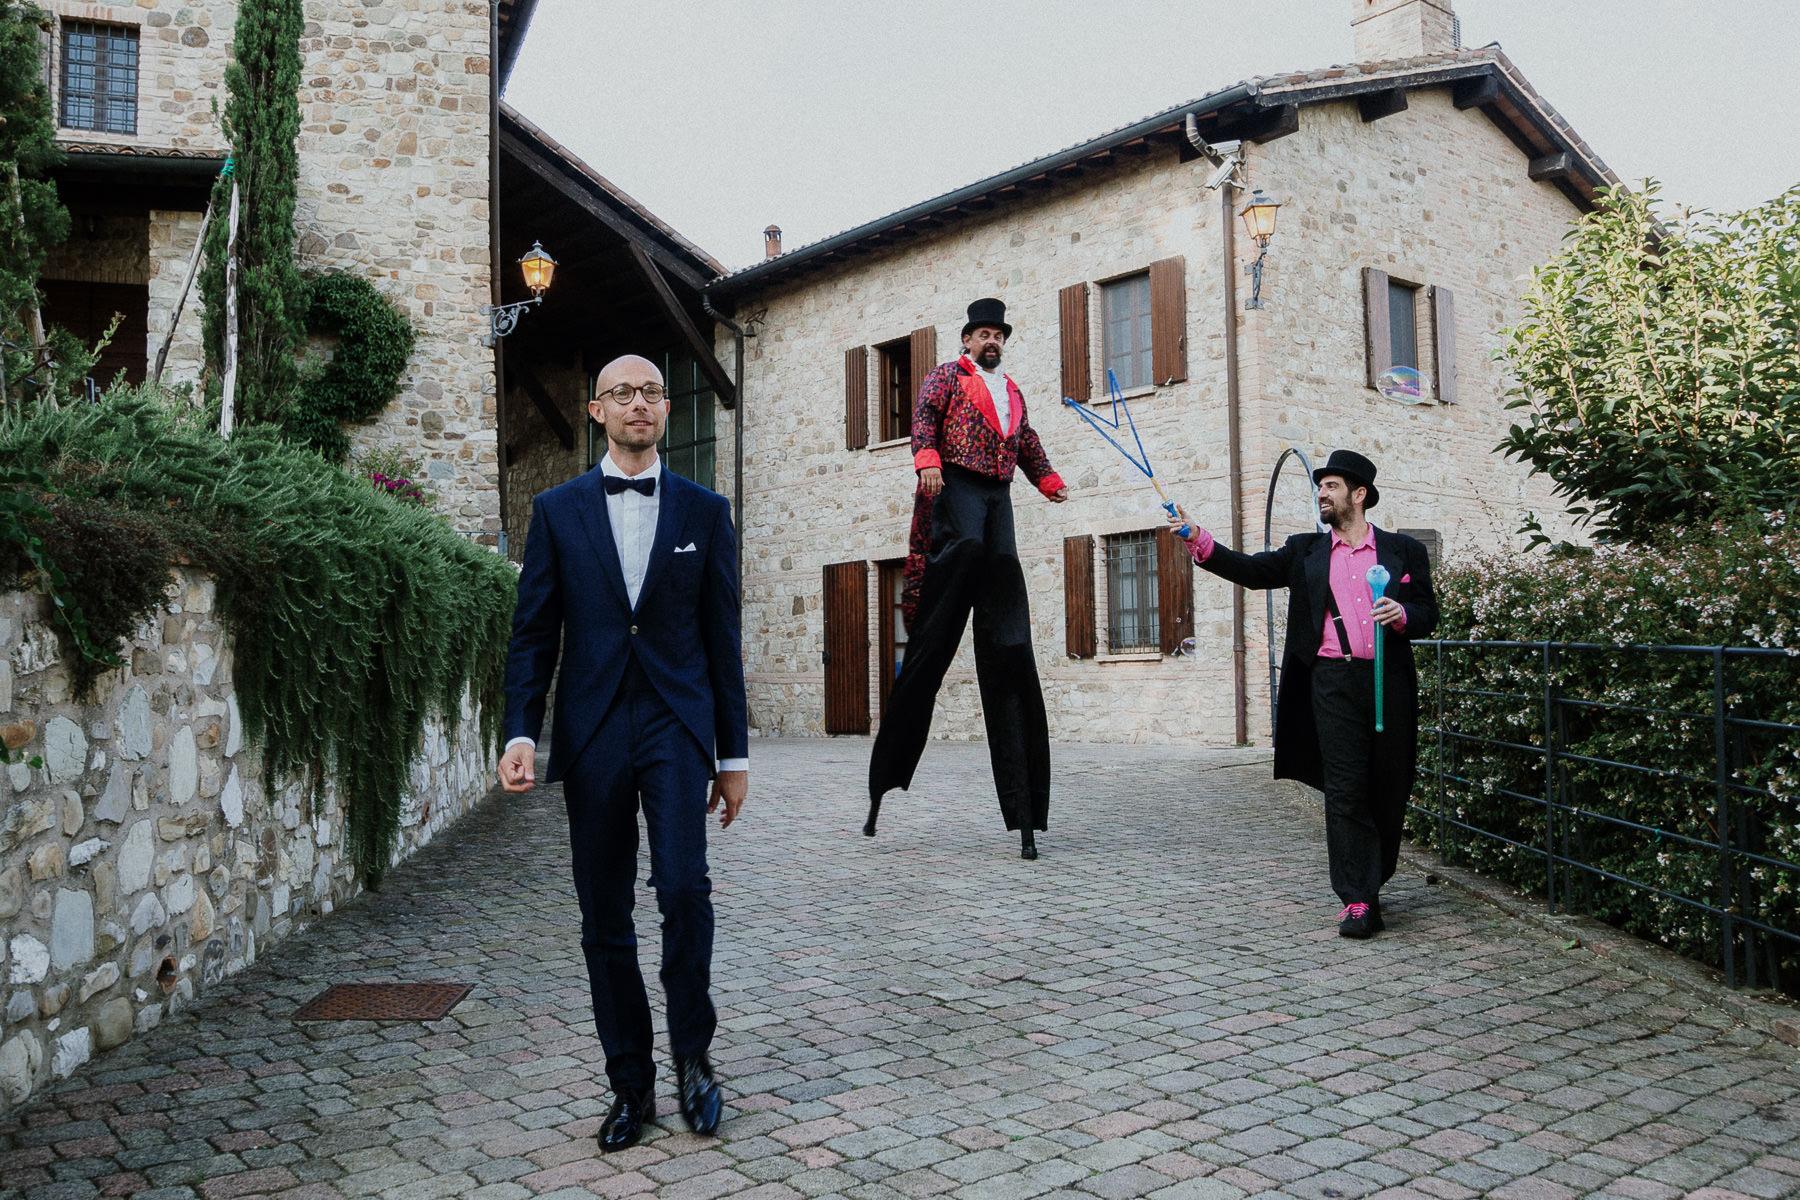 fotografo-matrimonio-monte-gesso-arrivo-sposo-francesco-ferrarini